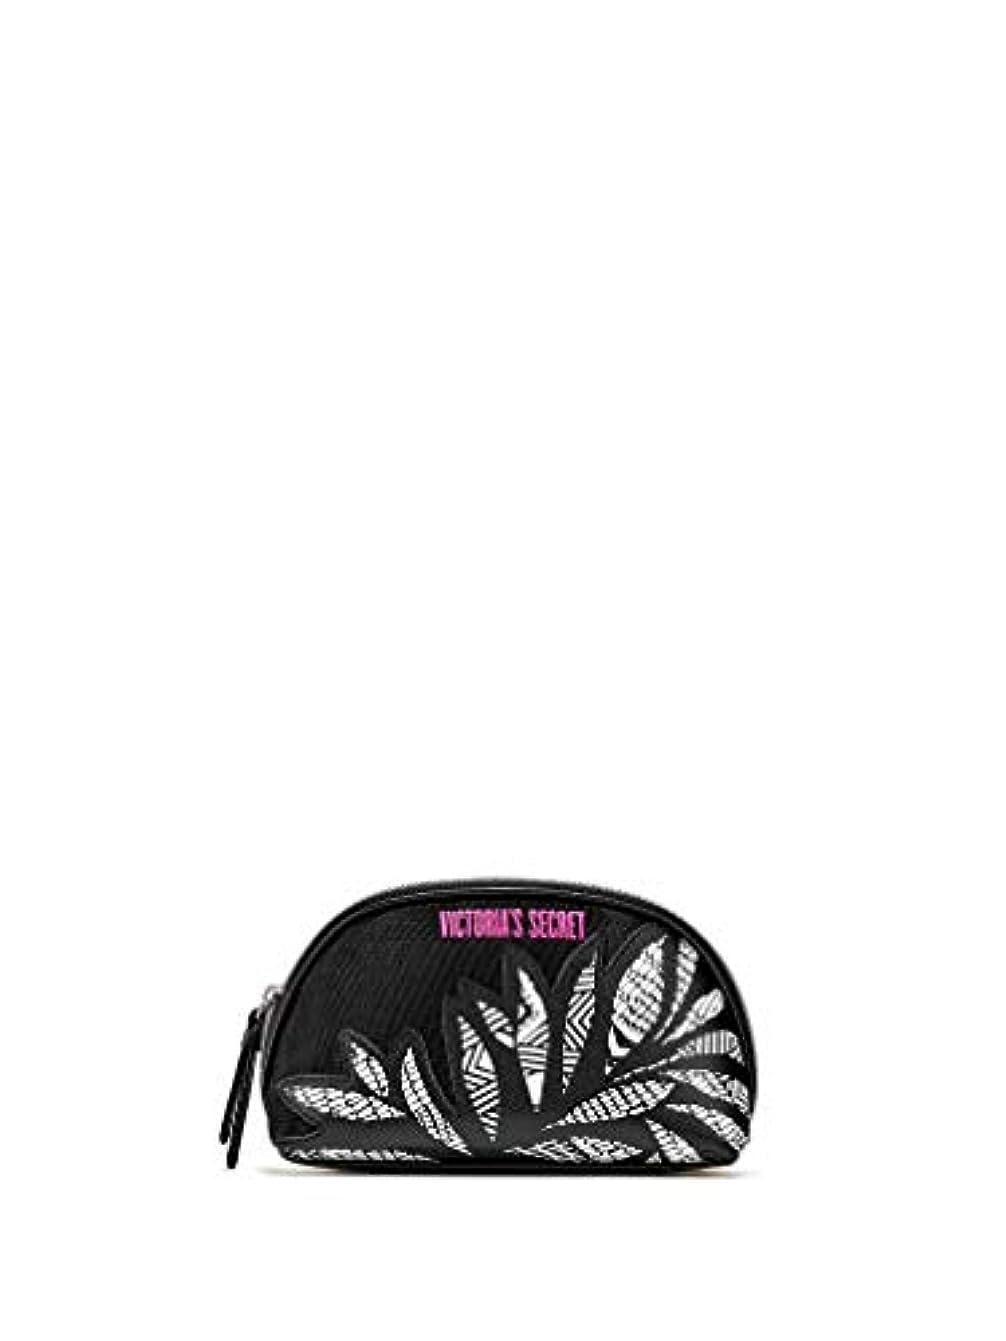 文庫本便益熱帯の【 メイクアップバッグ 】 VICTORIA'S SECRET ヴィクトリアシークレット/ビクトリアシークレット グラフィックブルームビューティーバッグ/Graphic Blooms Beauty Bag [並行輸入品]